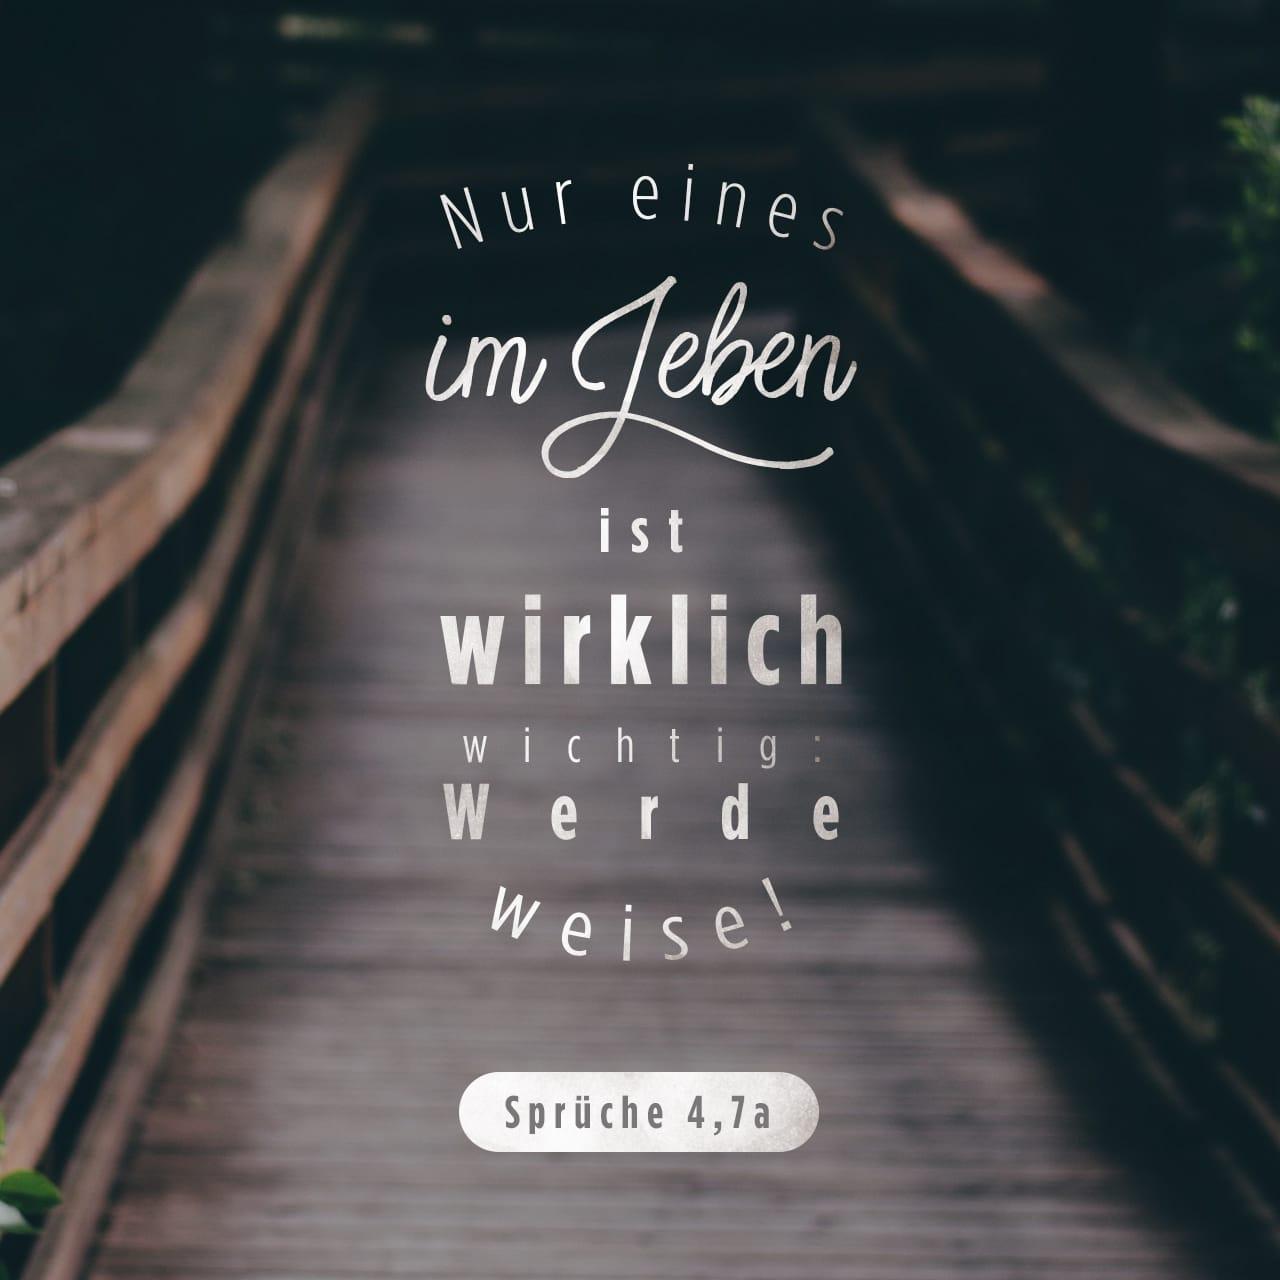 was ist wirklich wichtig im leben sprüche Sprüche 4:7 9 Nur eins im Leben ist wirklich wichtig: Werde weise  was ist wirklich wichtig im leben sprüche